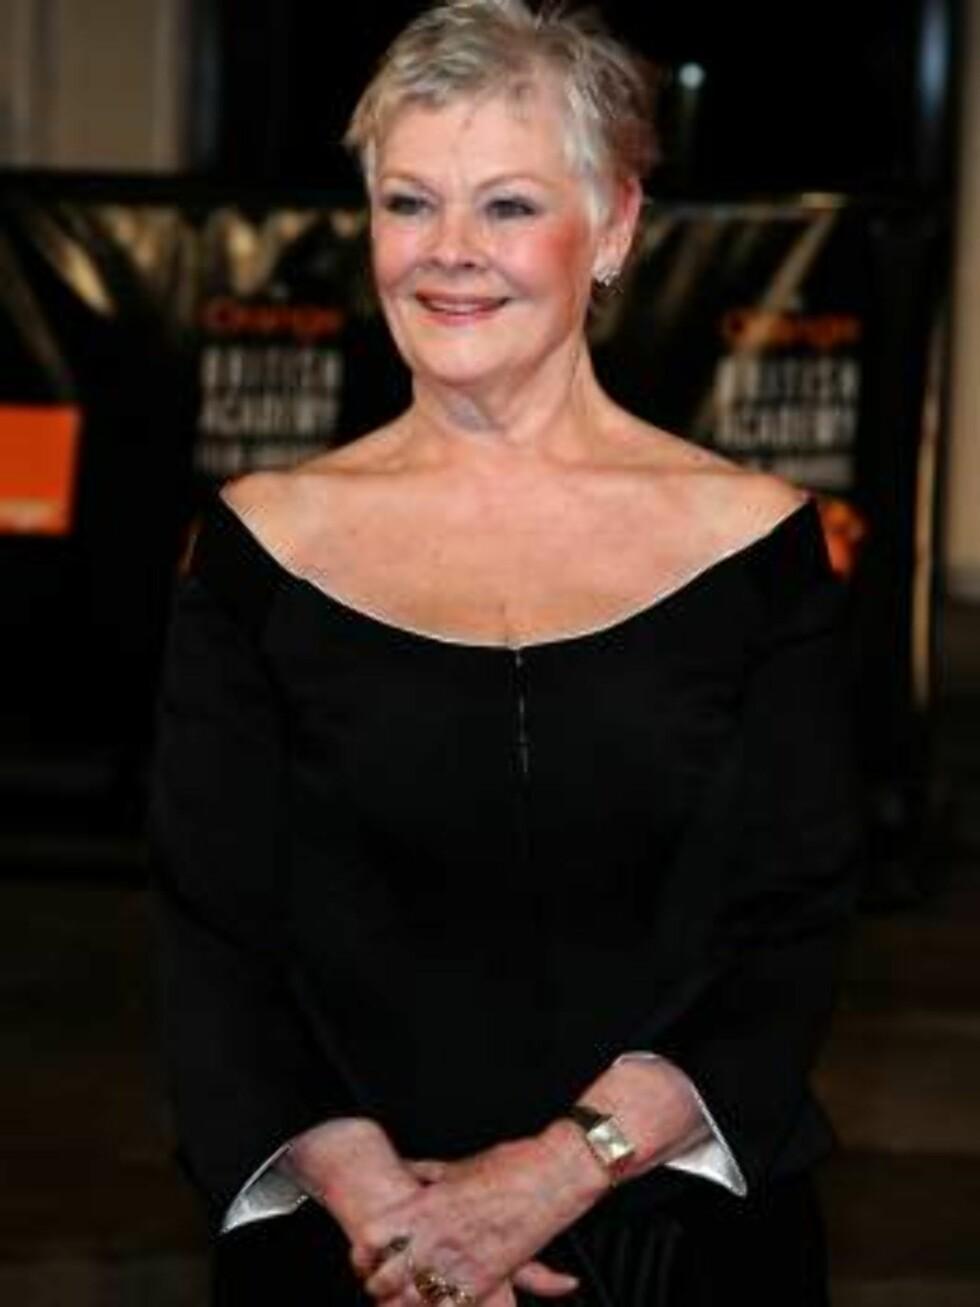 KLAR FOR FEST: Også Dame Judi Dench var klar for fest... Foto: SCANPIX